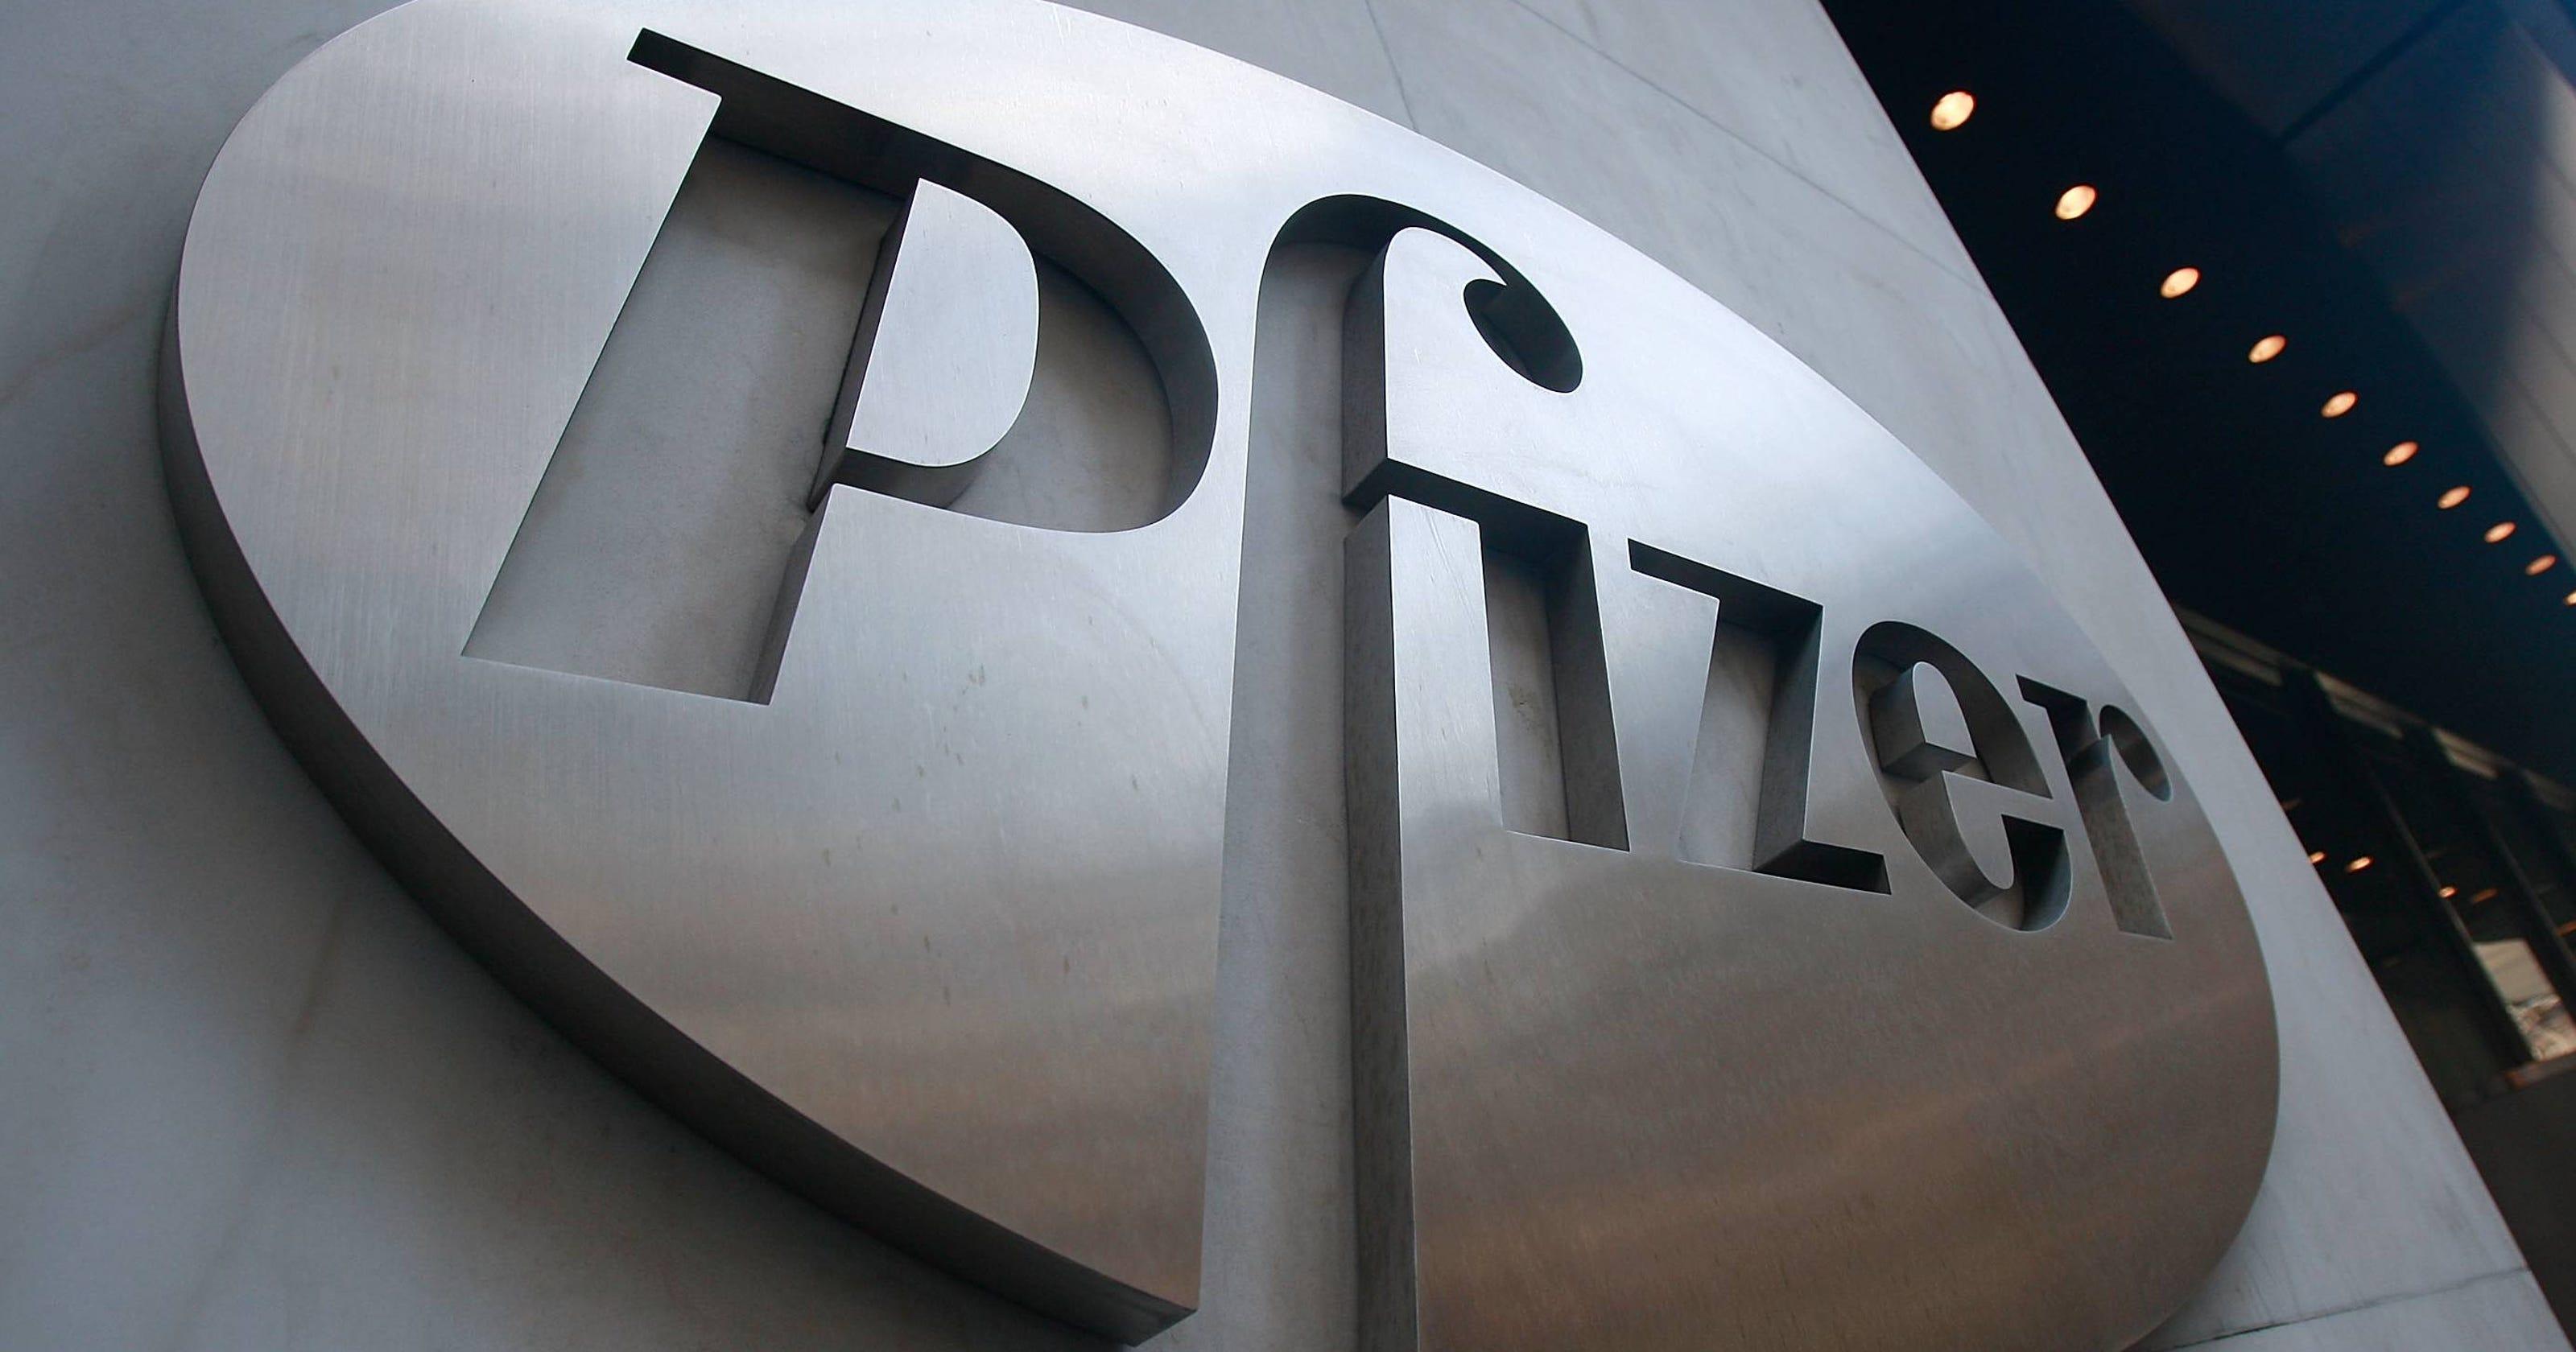 Pfizer disputes claim against antidepressant